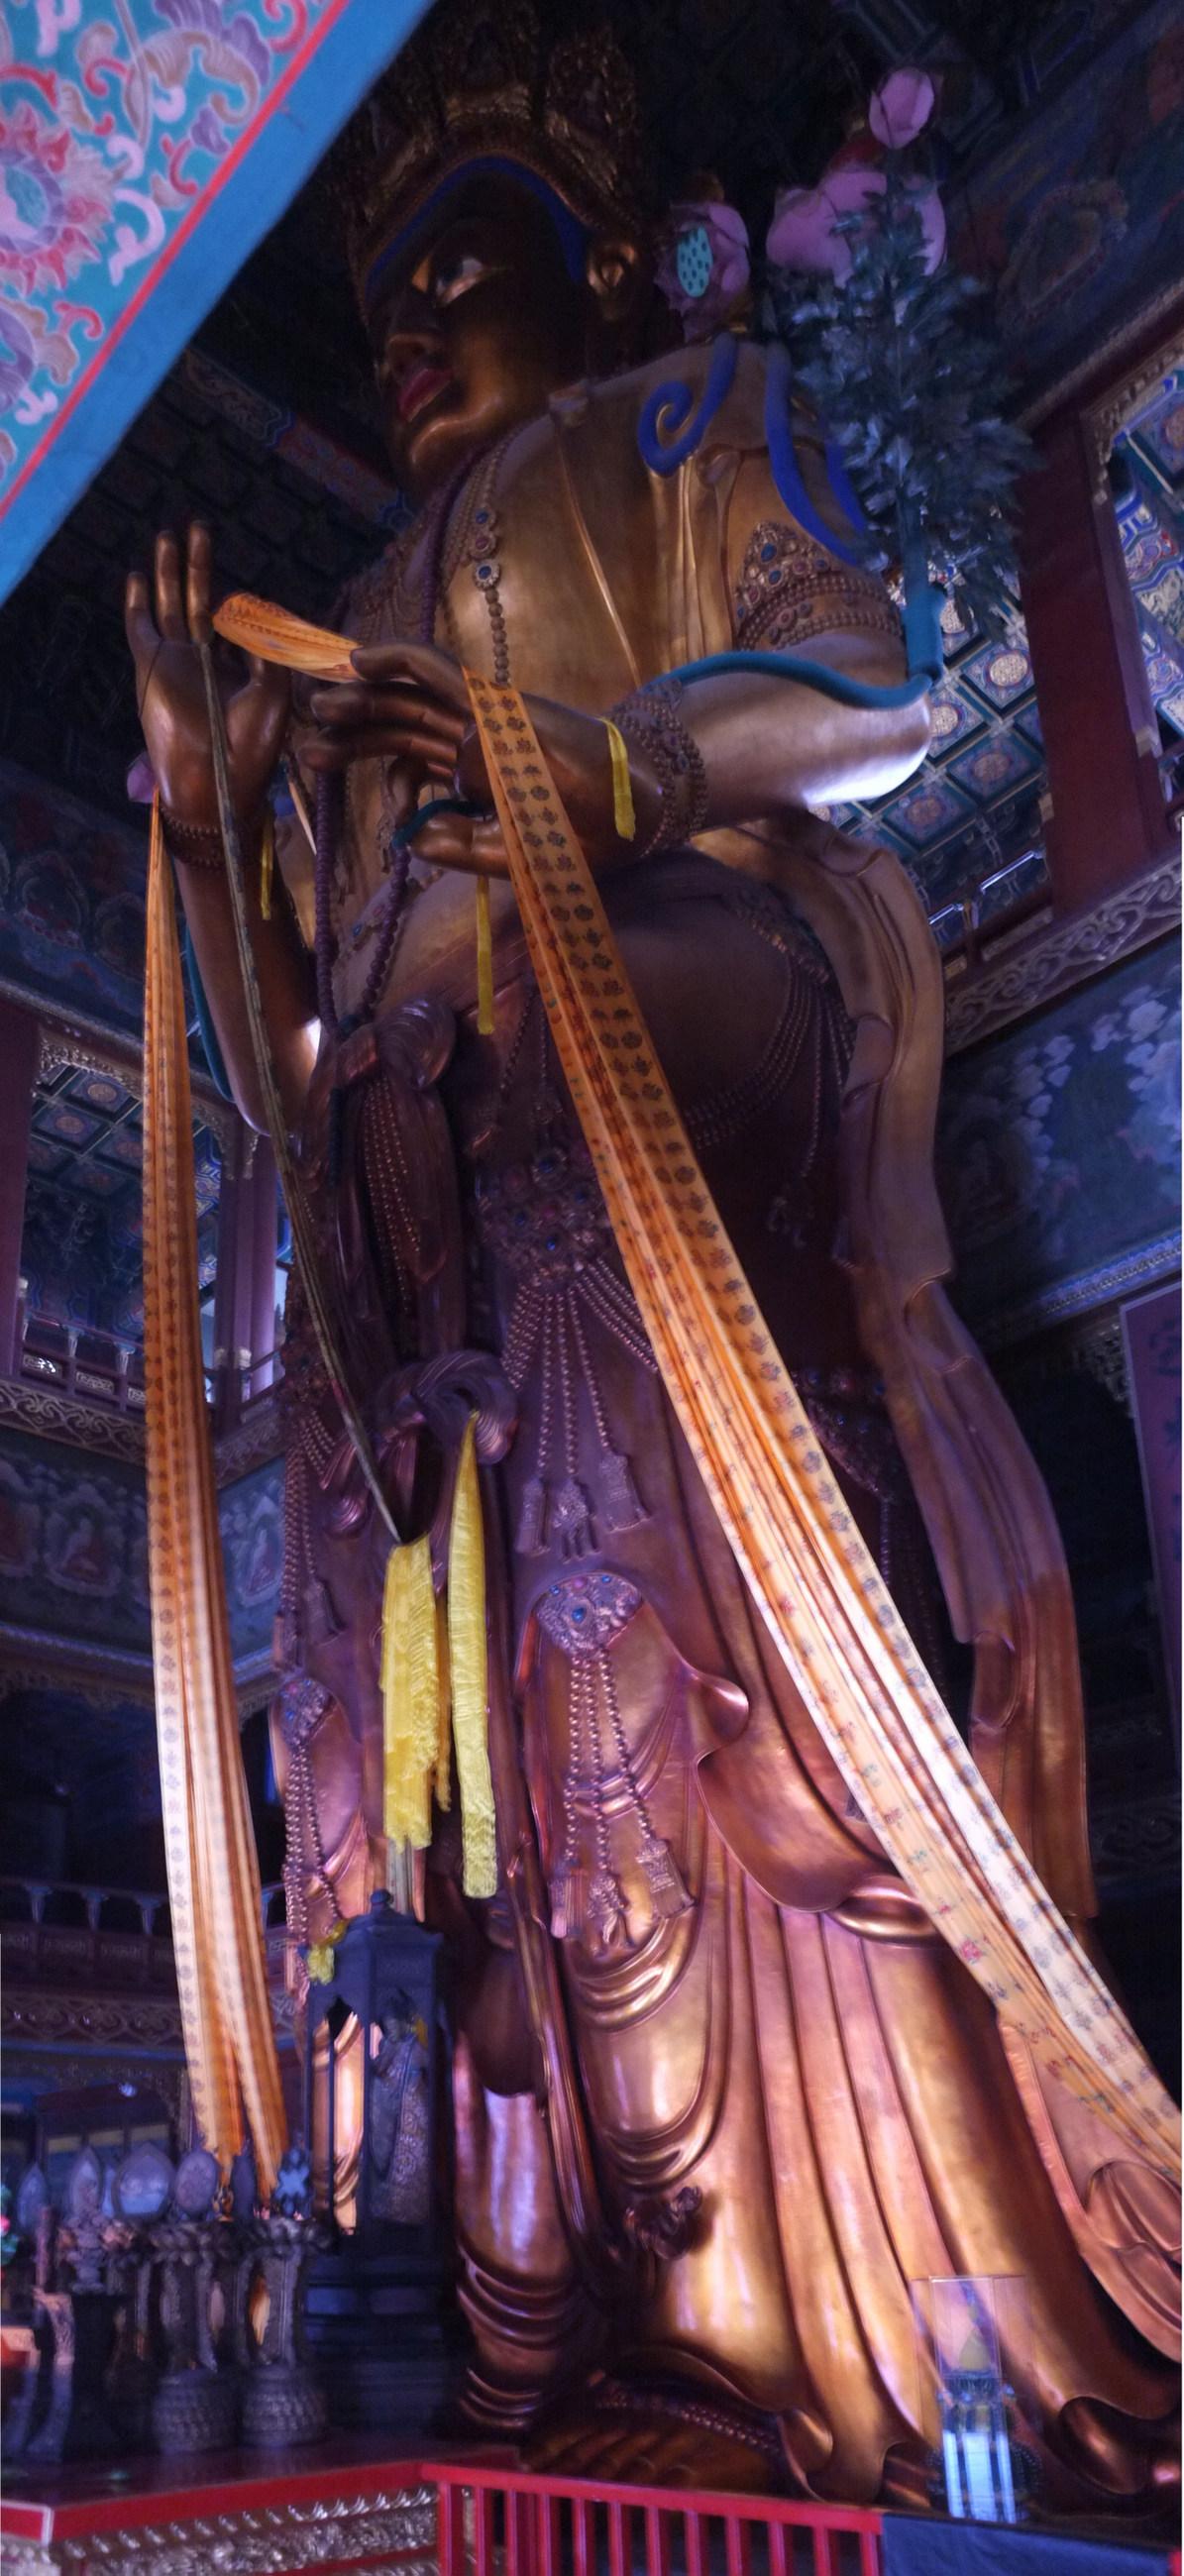 Lamatemple Buddha